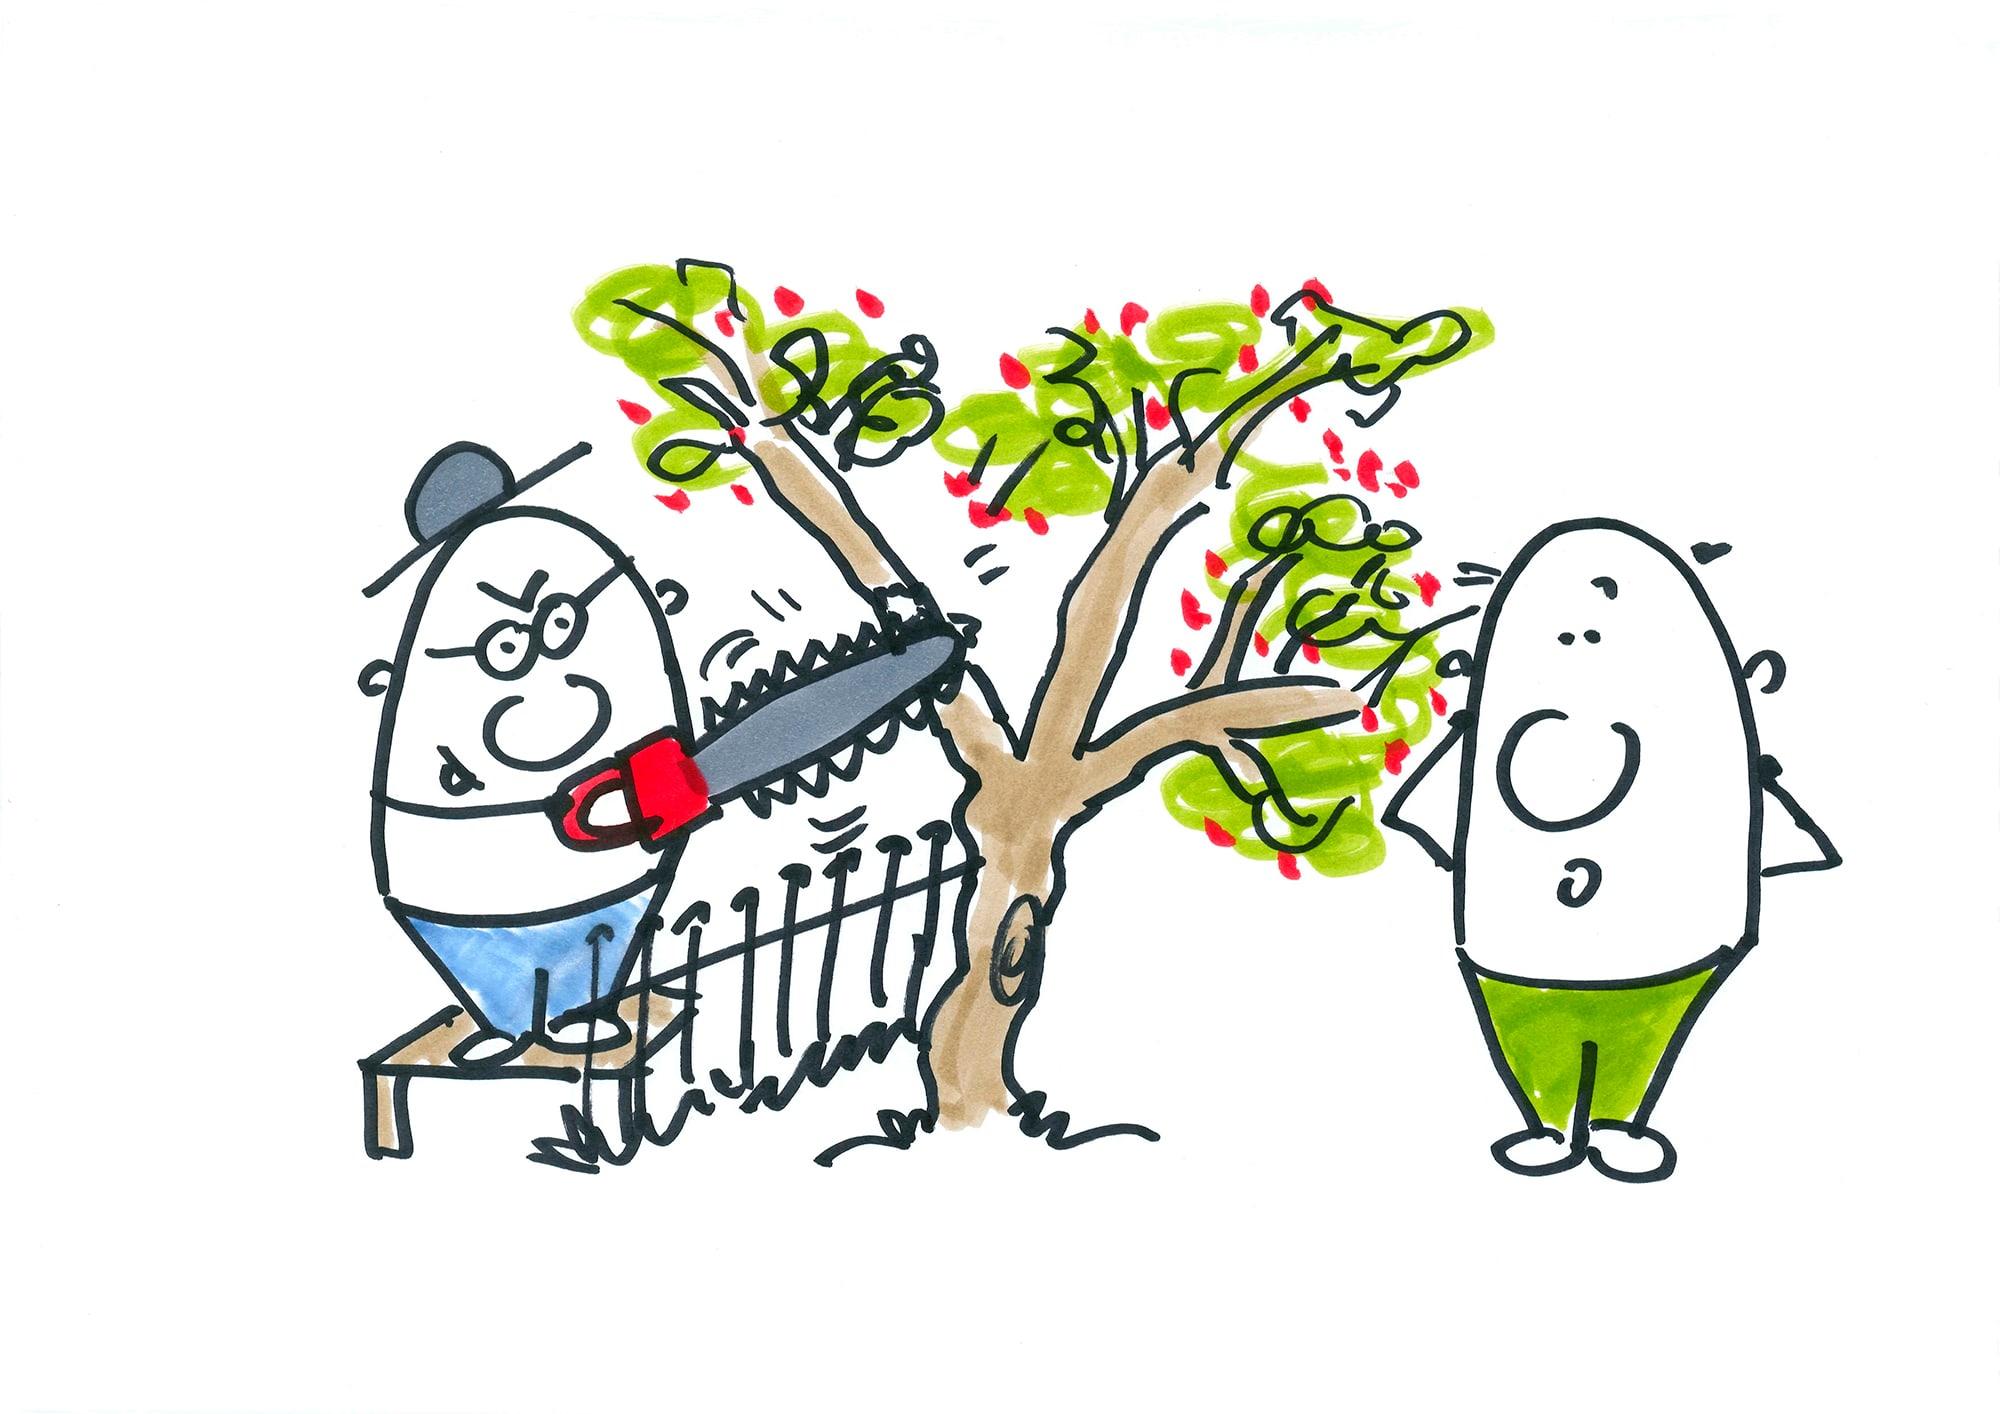 Ein Eierkopf sägt Ast am Baum des anderen Eierkopfes ab